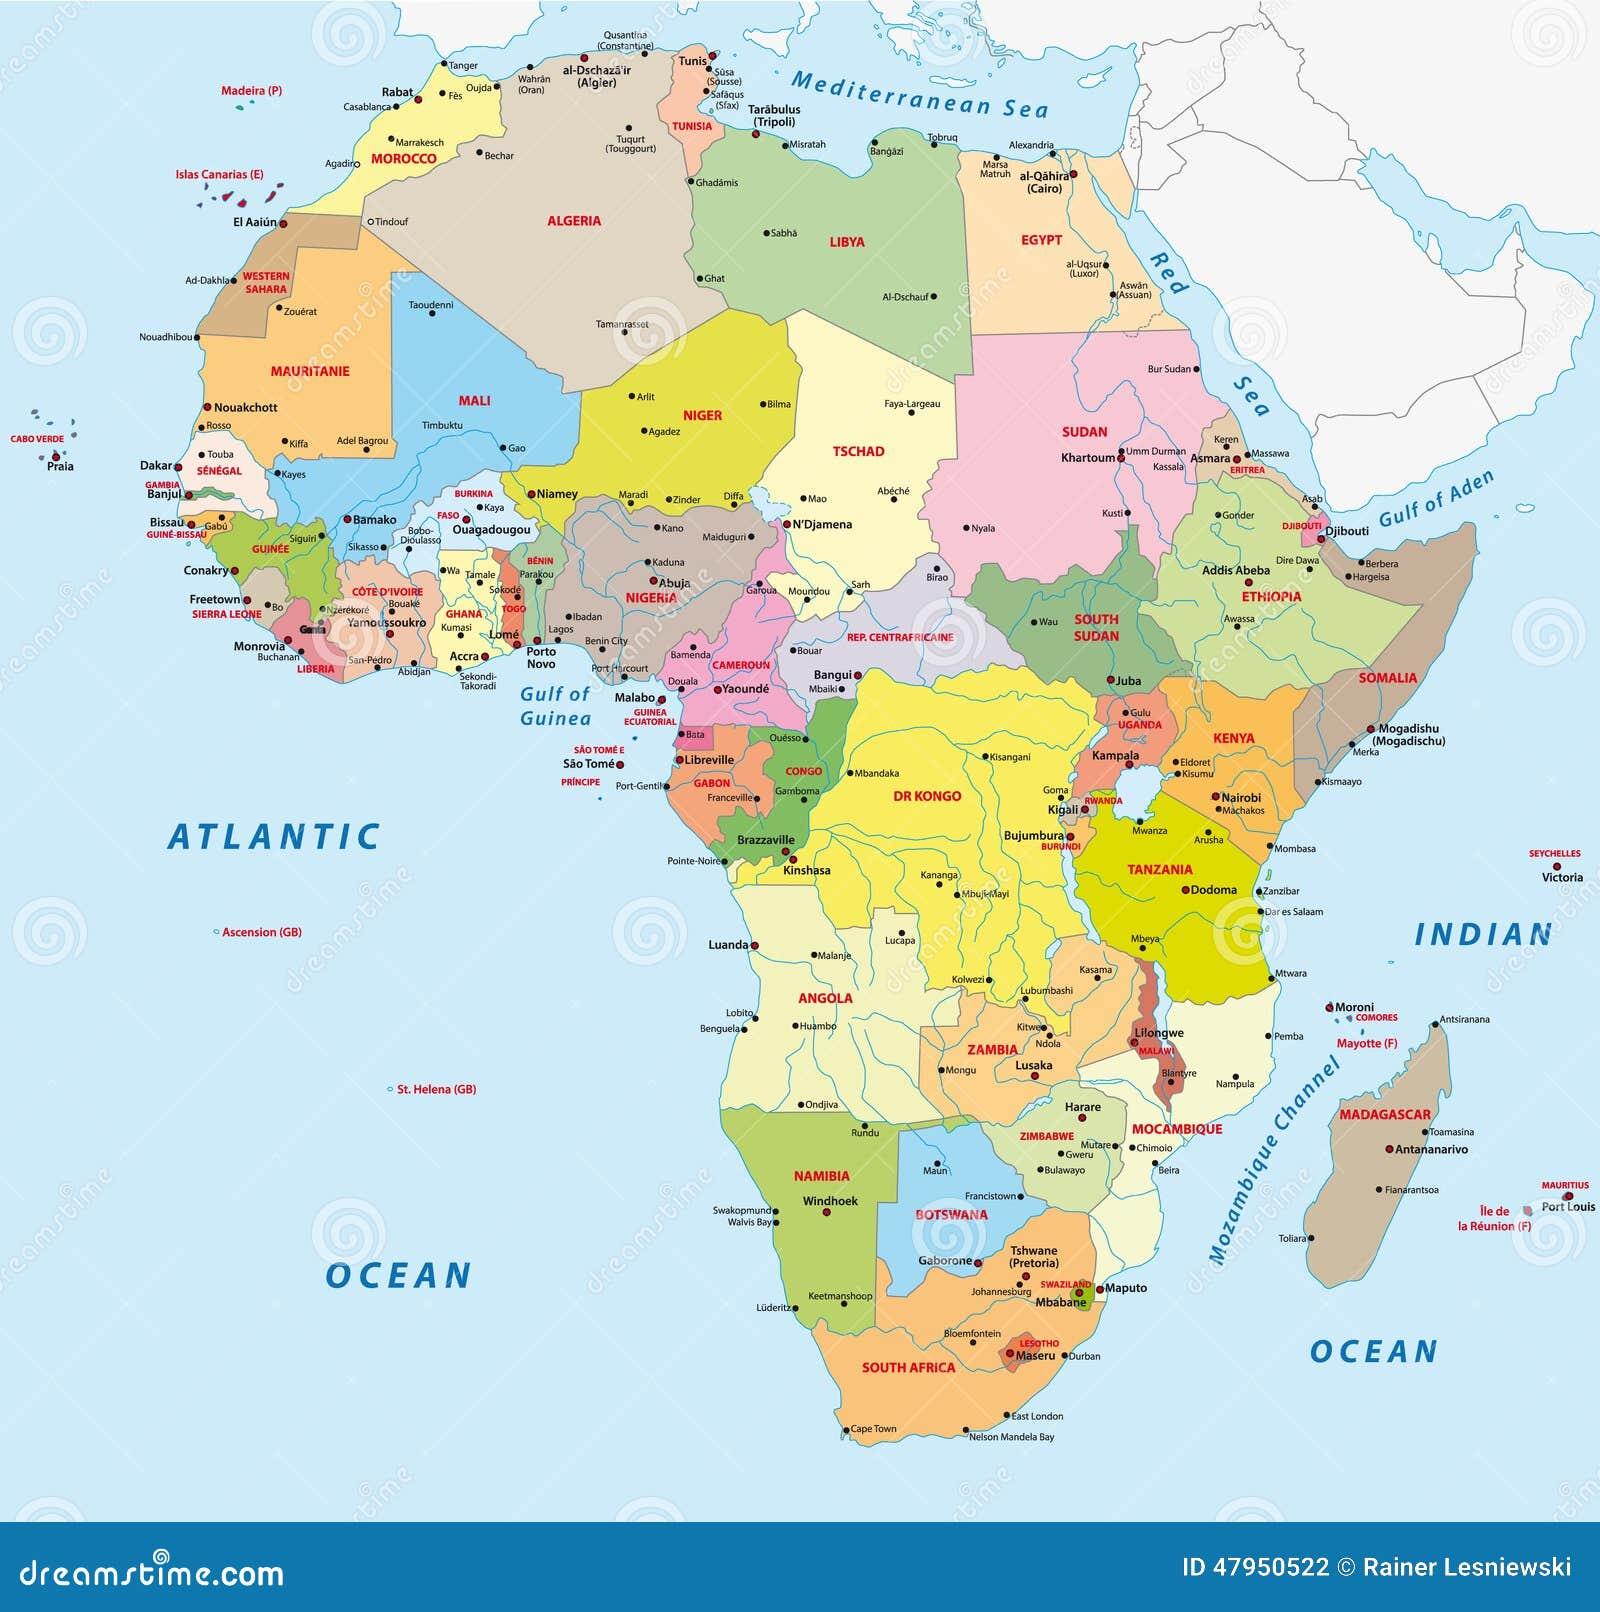 Carte Politique De L'Afrique Illustration de Vecteur - Image: 47950522 CARTE POLITIQUE DE L'AFRIQUE